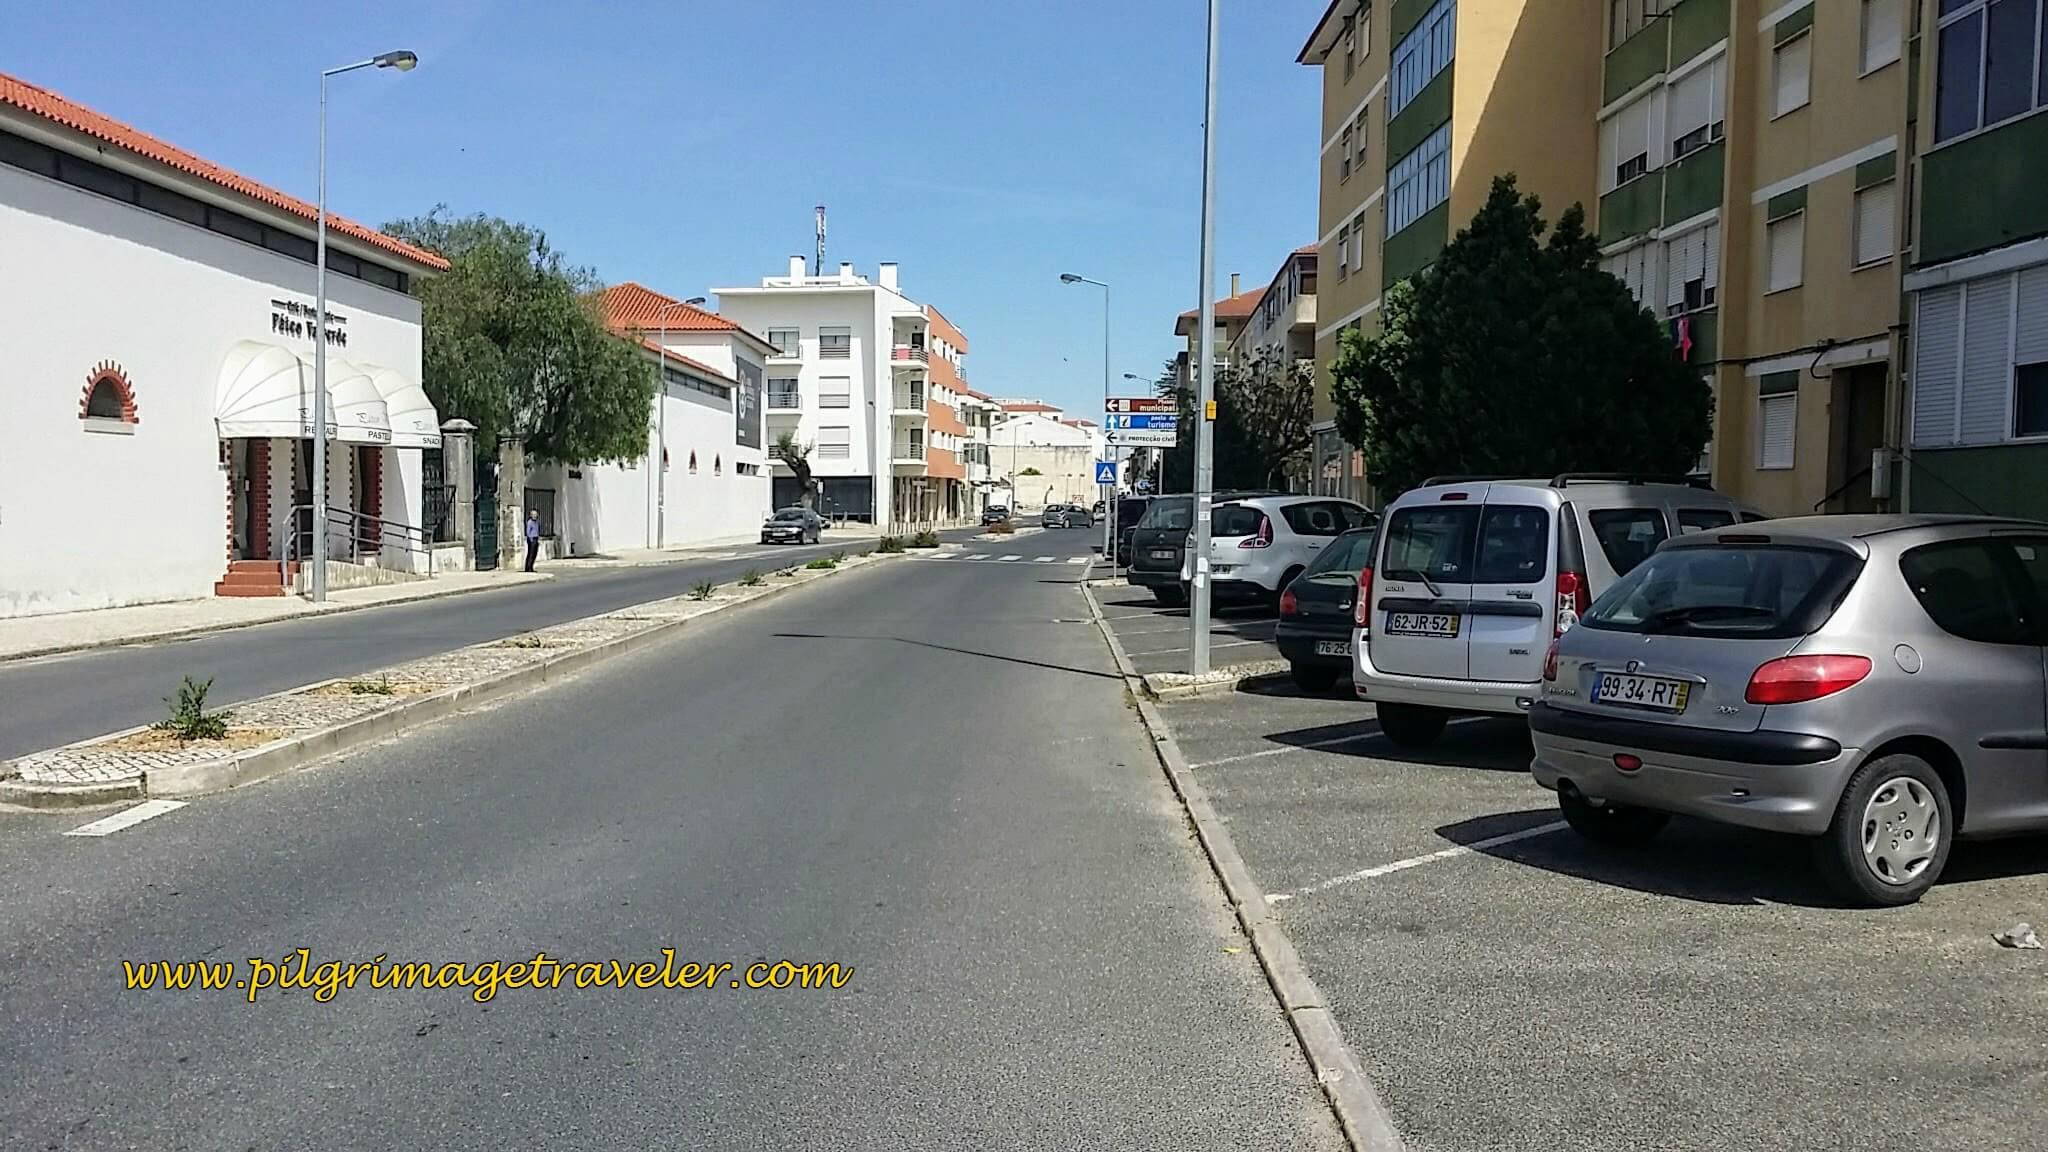 Avenida do Valverde into the Center of Town, Azambuja, Portugal